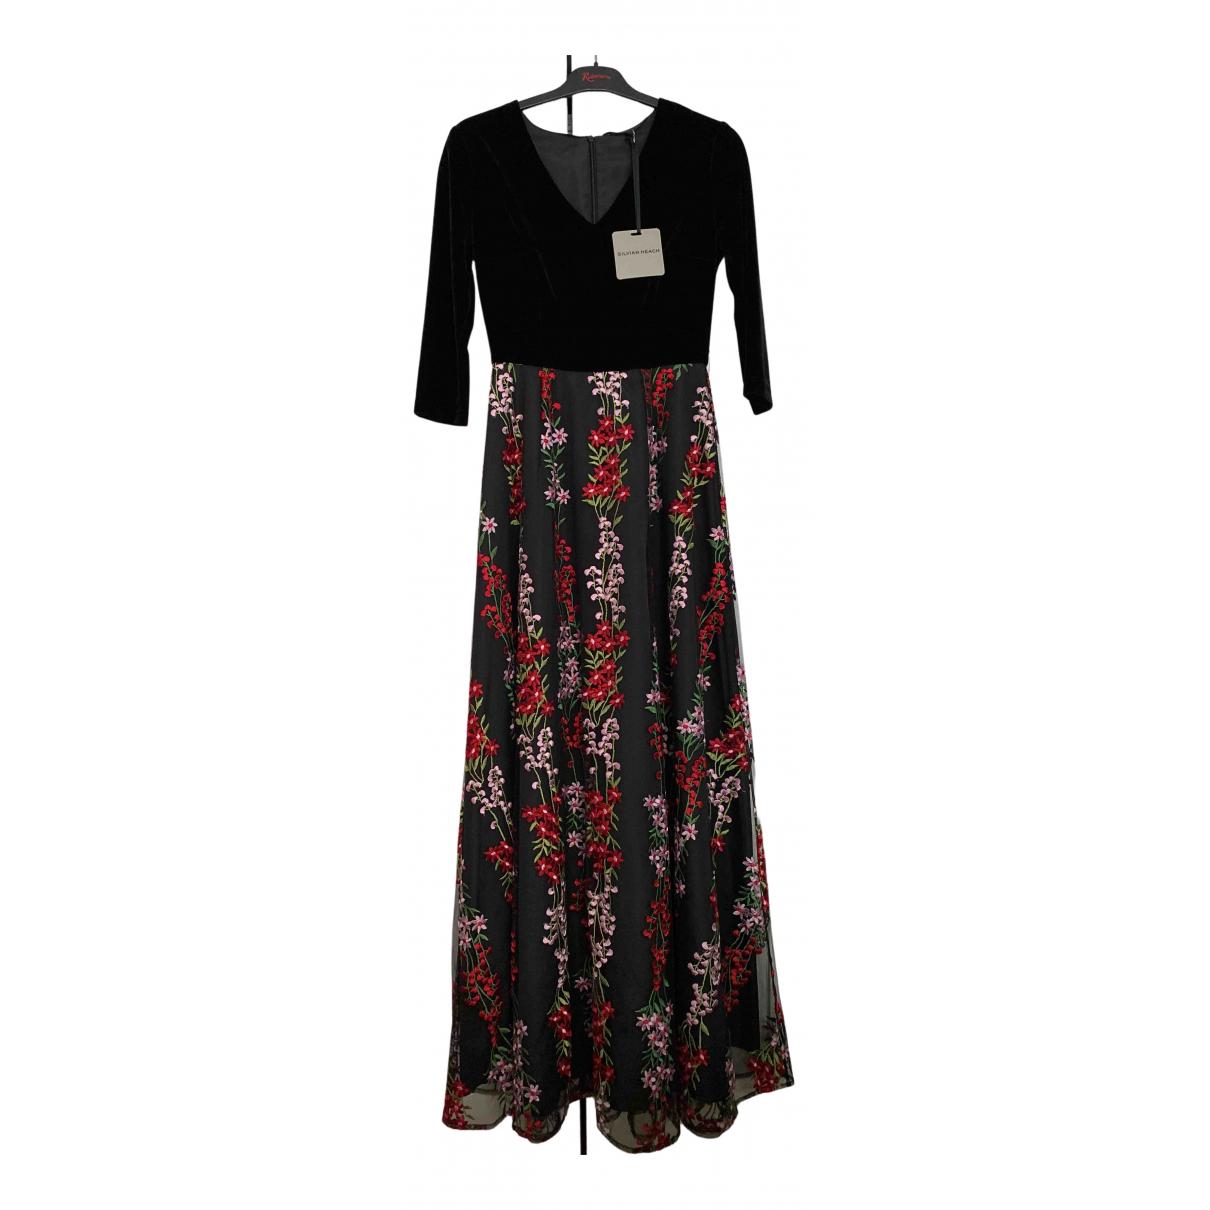 Silvian Heach \N Kleid in  Schwarz Polyester